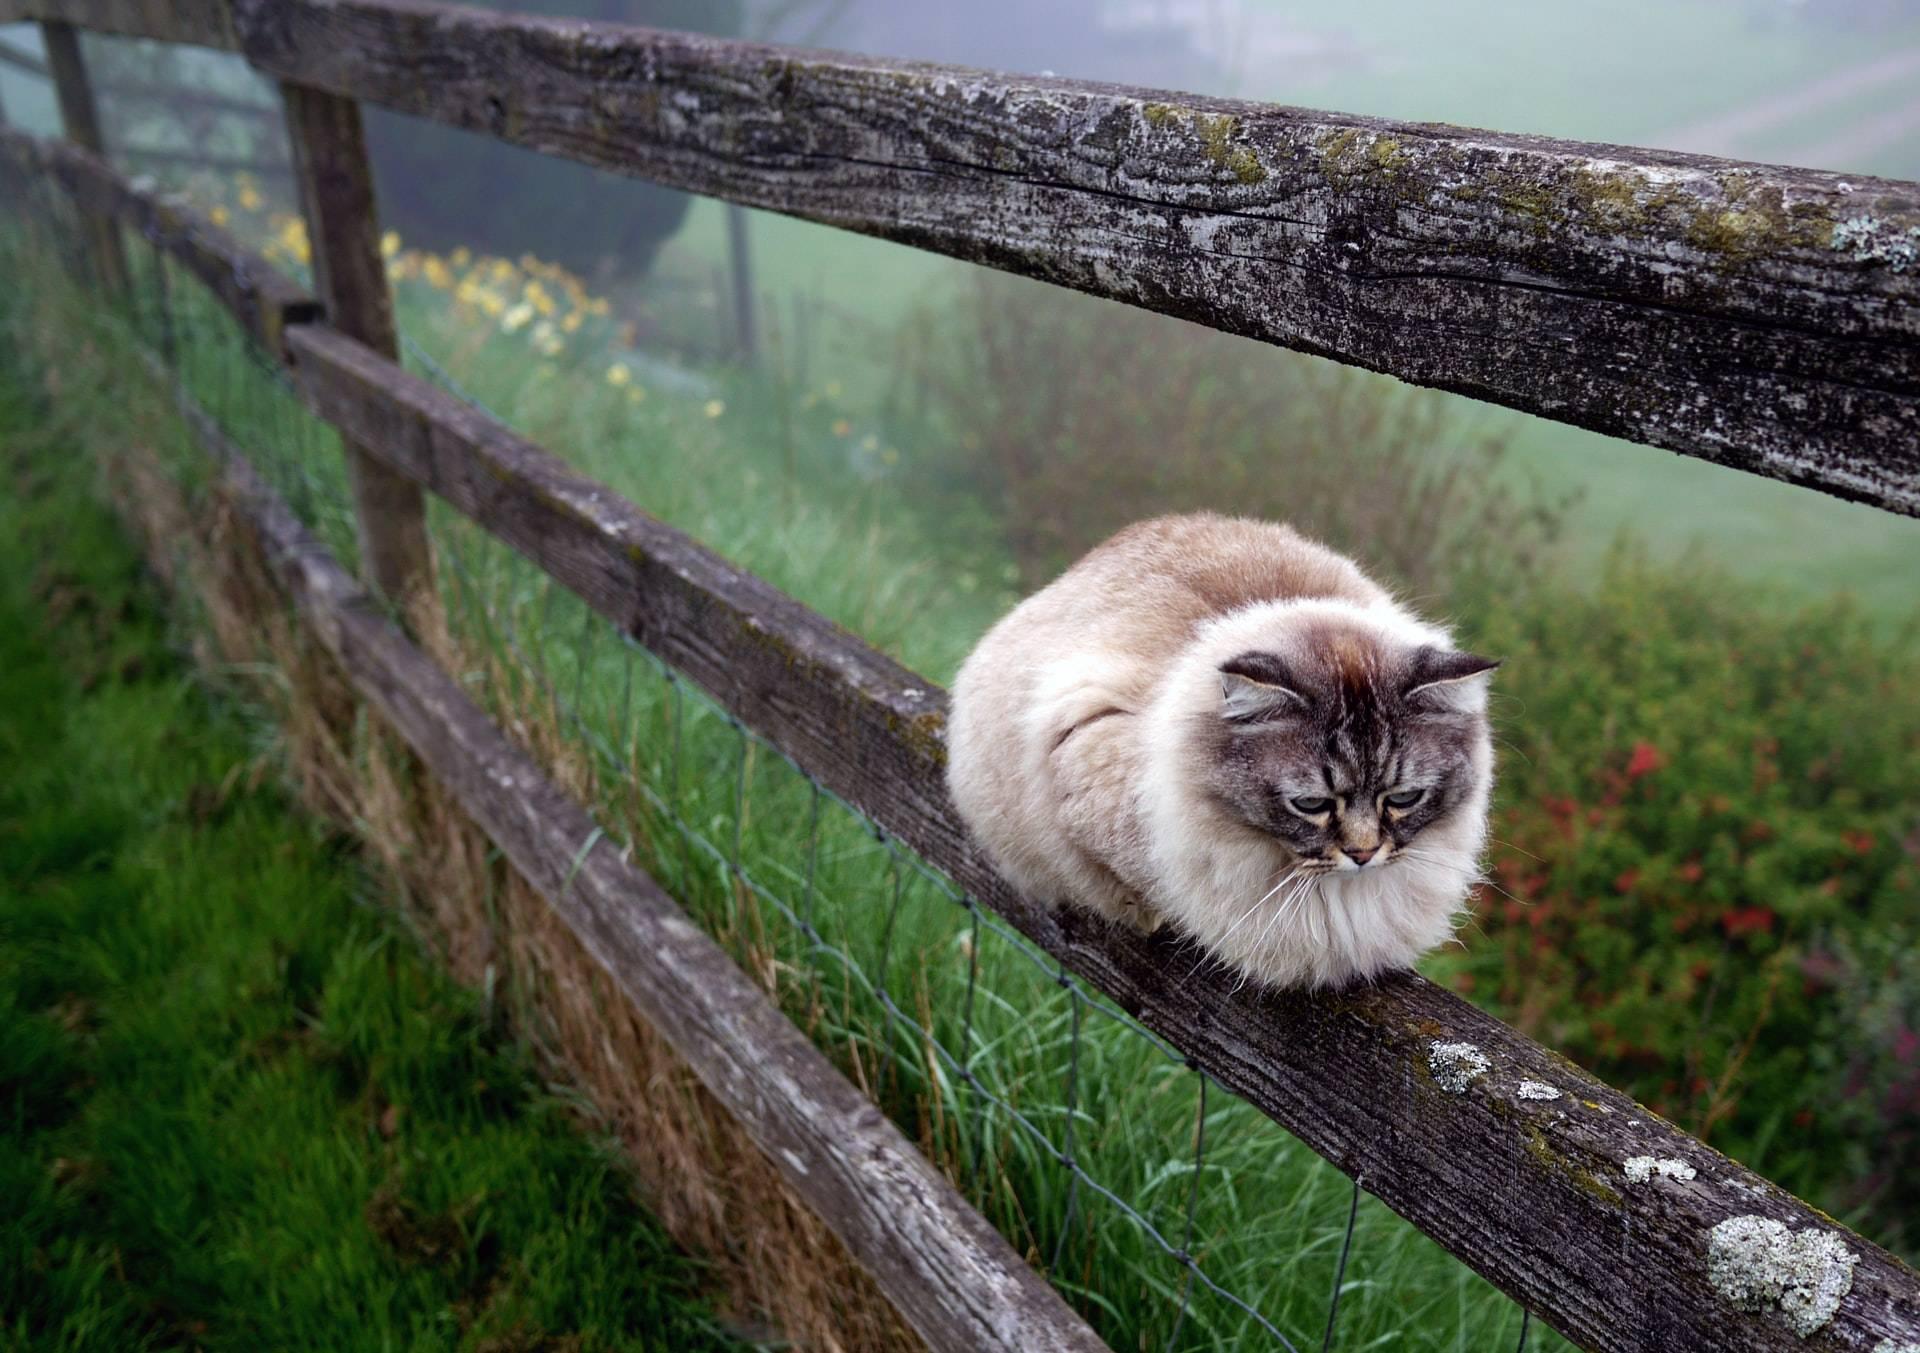 Simons cat, cat got lost, indoor vs outdoor - what is best for your cat